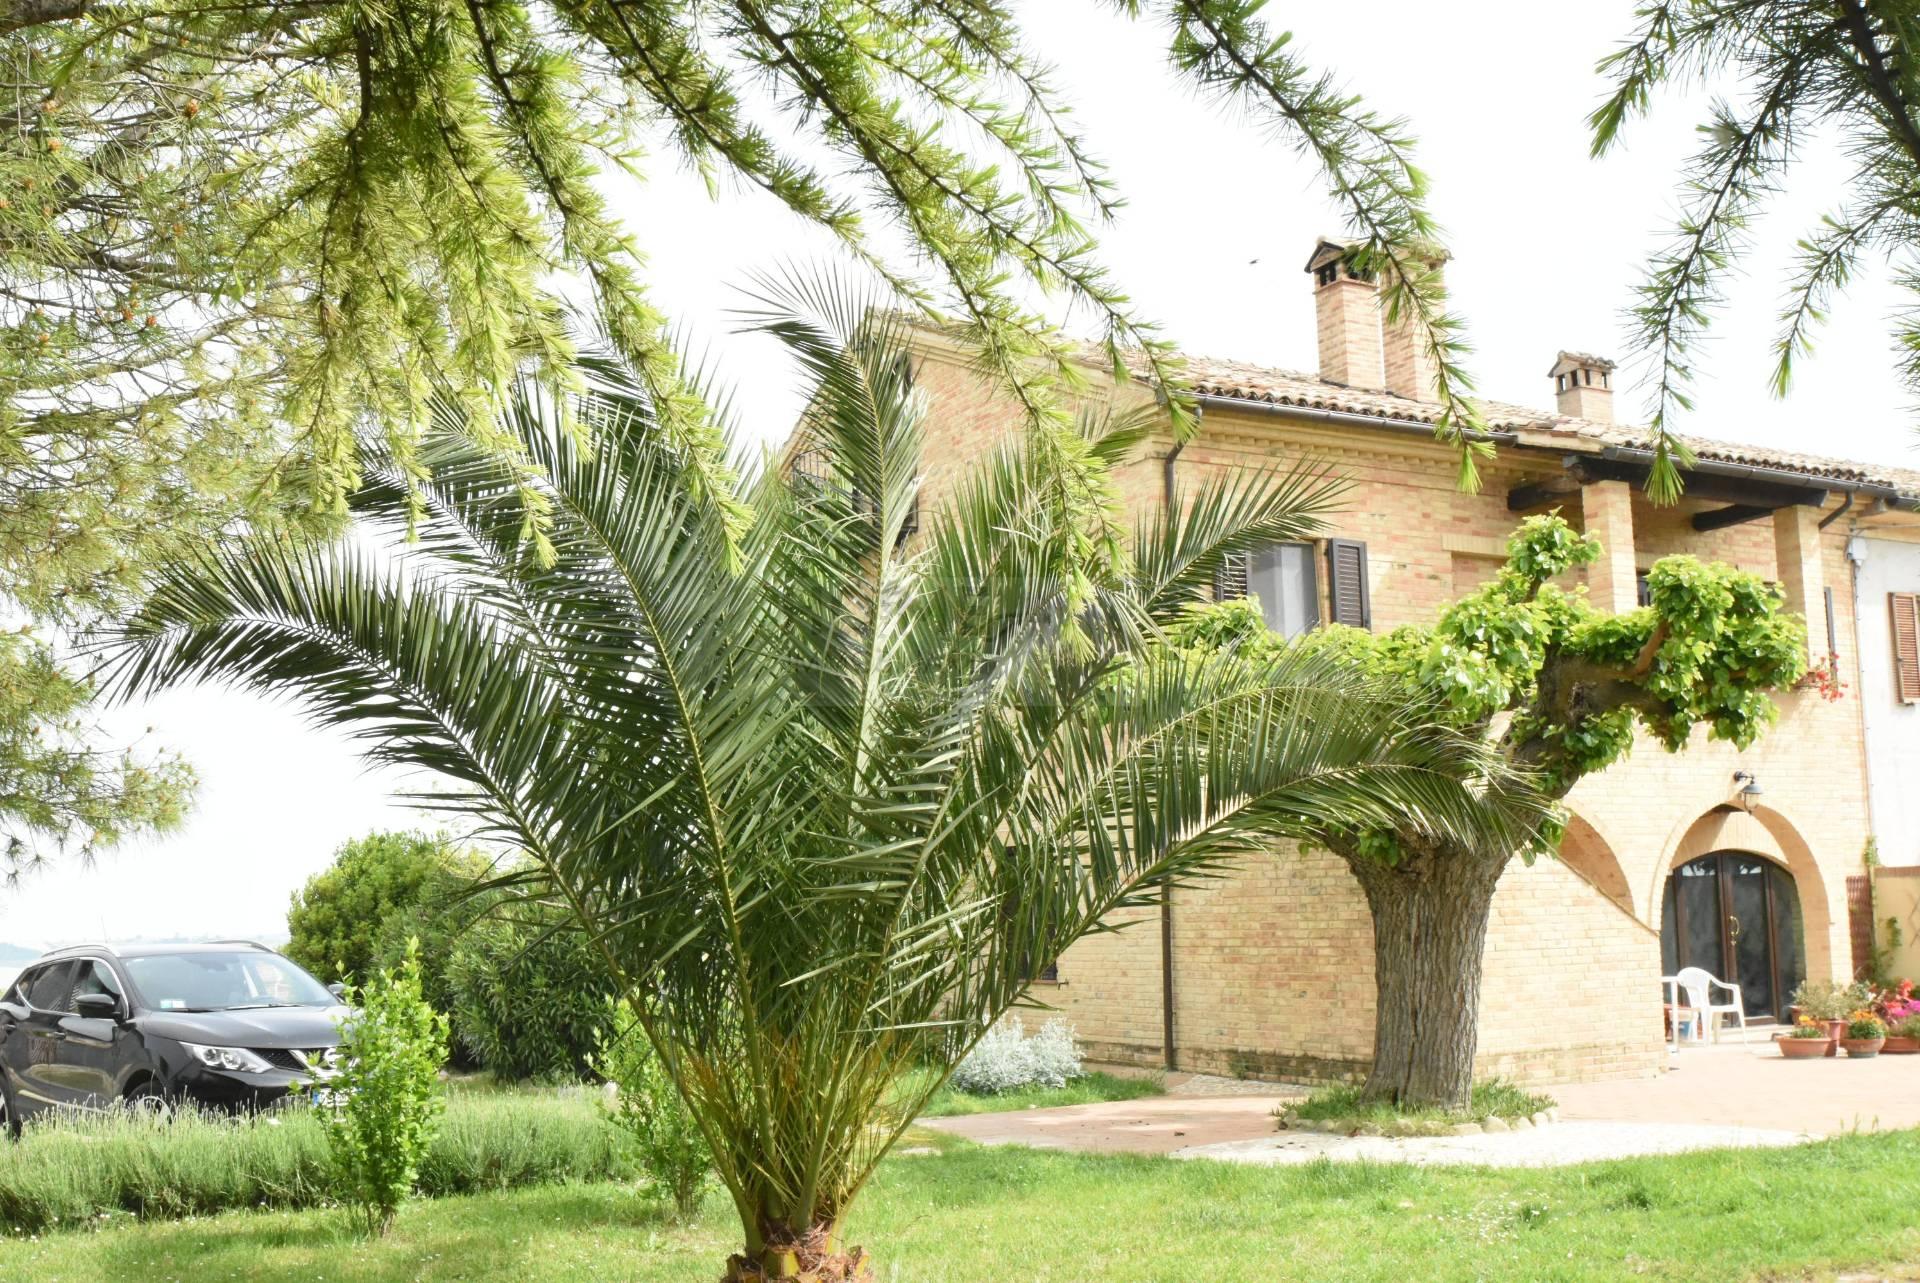 Soluzione Indipendente in vendita a Macerata, 10 locali, zona Zona: Periferia, prezzo € 450.000 | CambioCasa.it